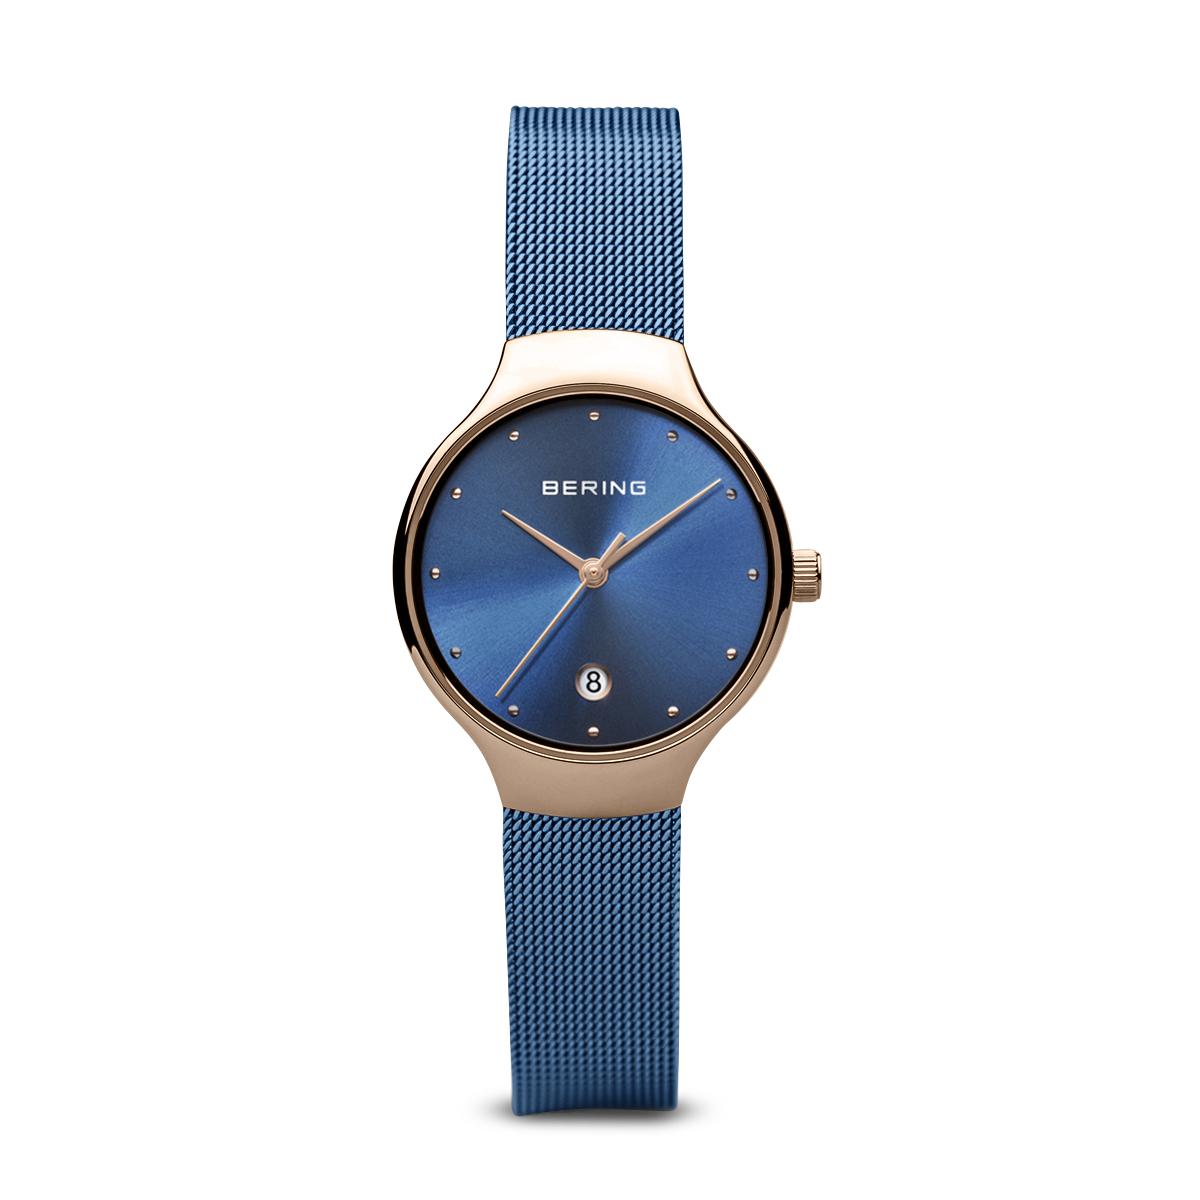 שעון ברינג דגם BERING 13326-368